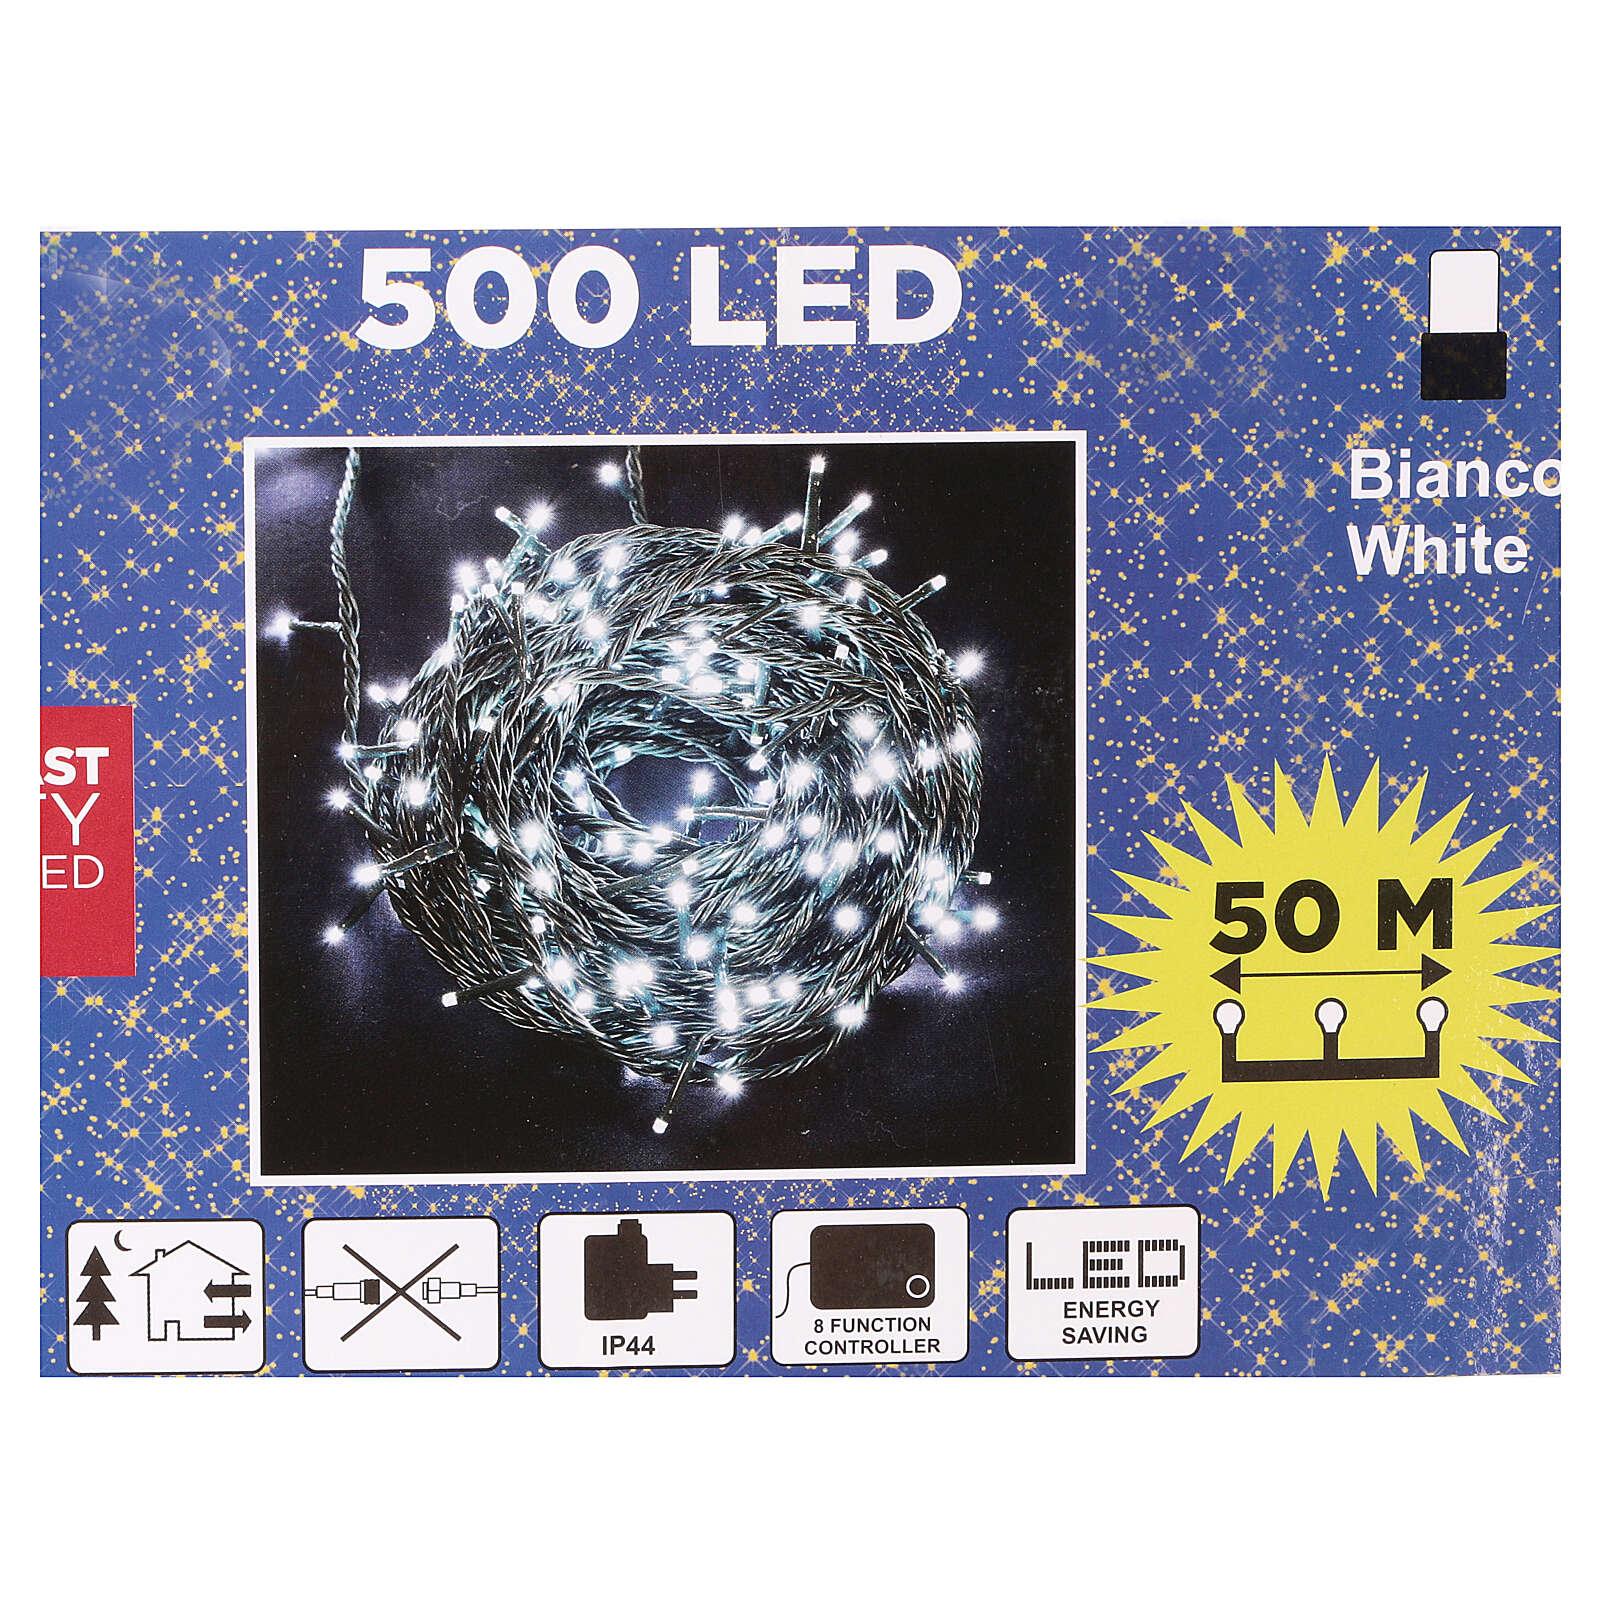 Luce Natale catena verde 500 Led bianchi luce fredda esterni interruttore 50 m 3